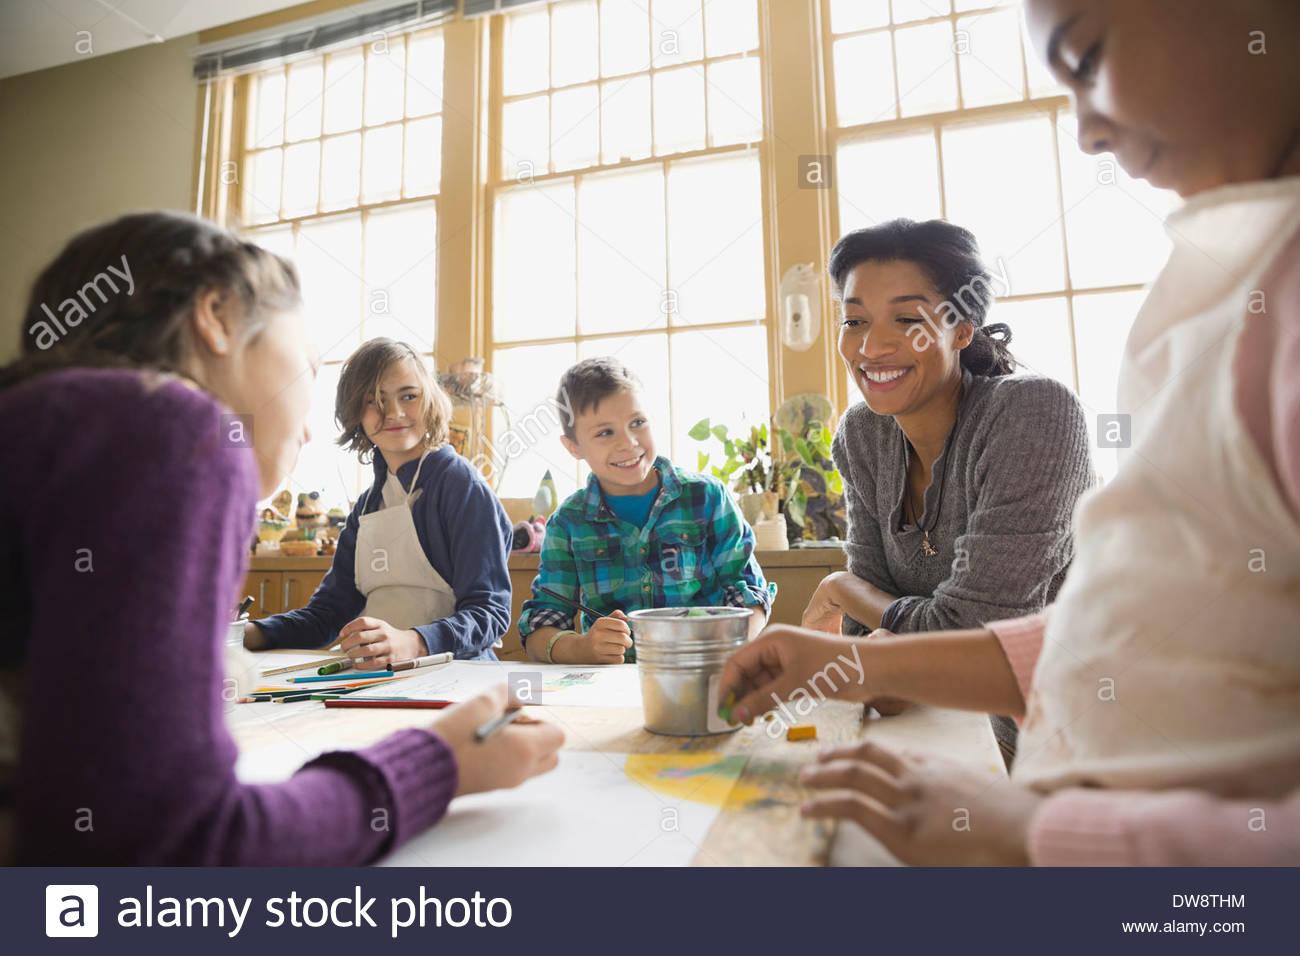 Profesor viendo a los estudiantes en la clase de arte Imagen De Stock